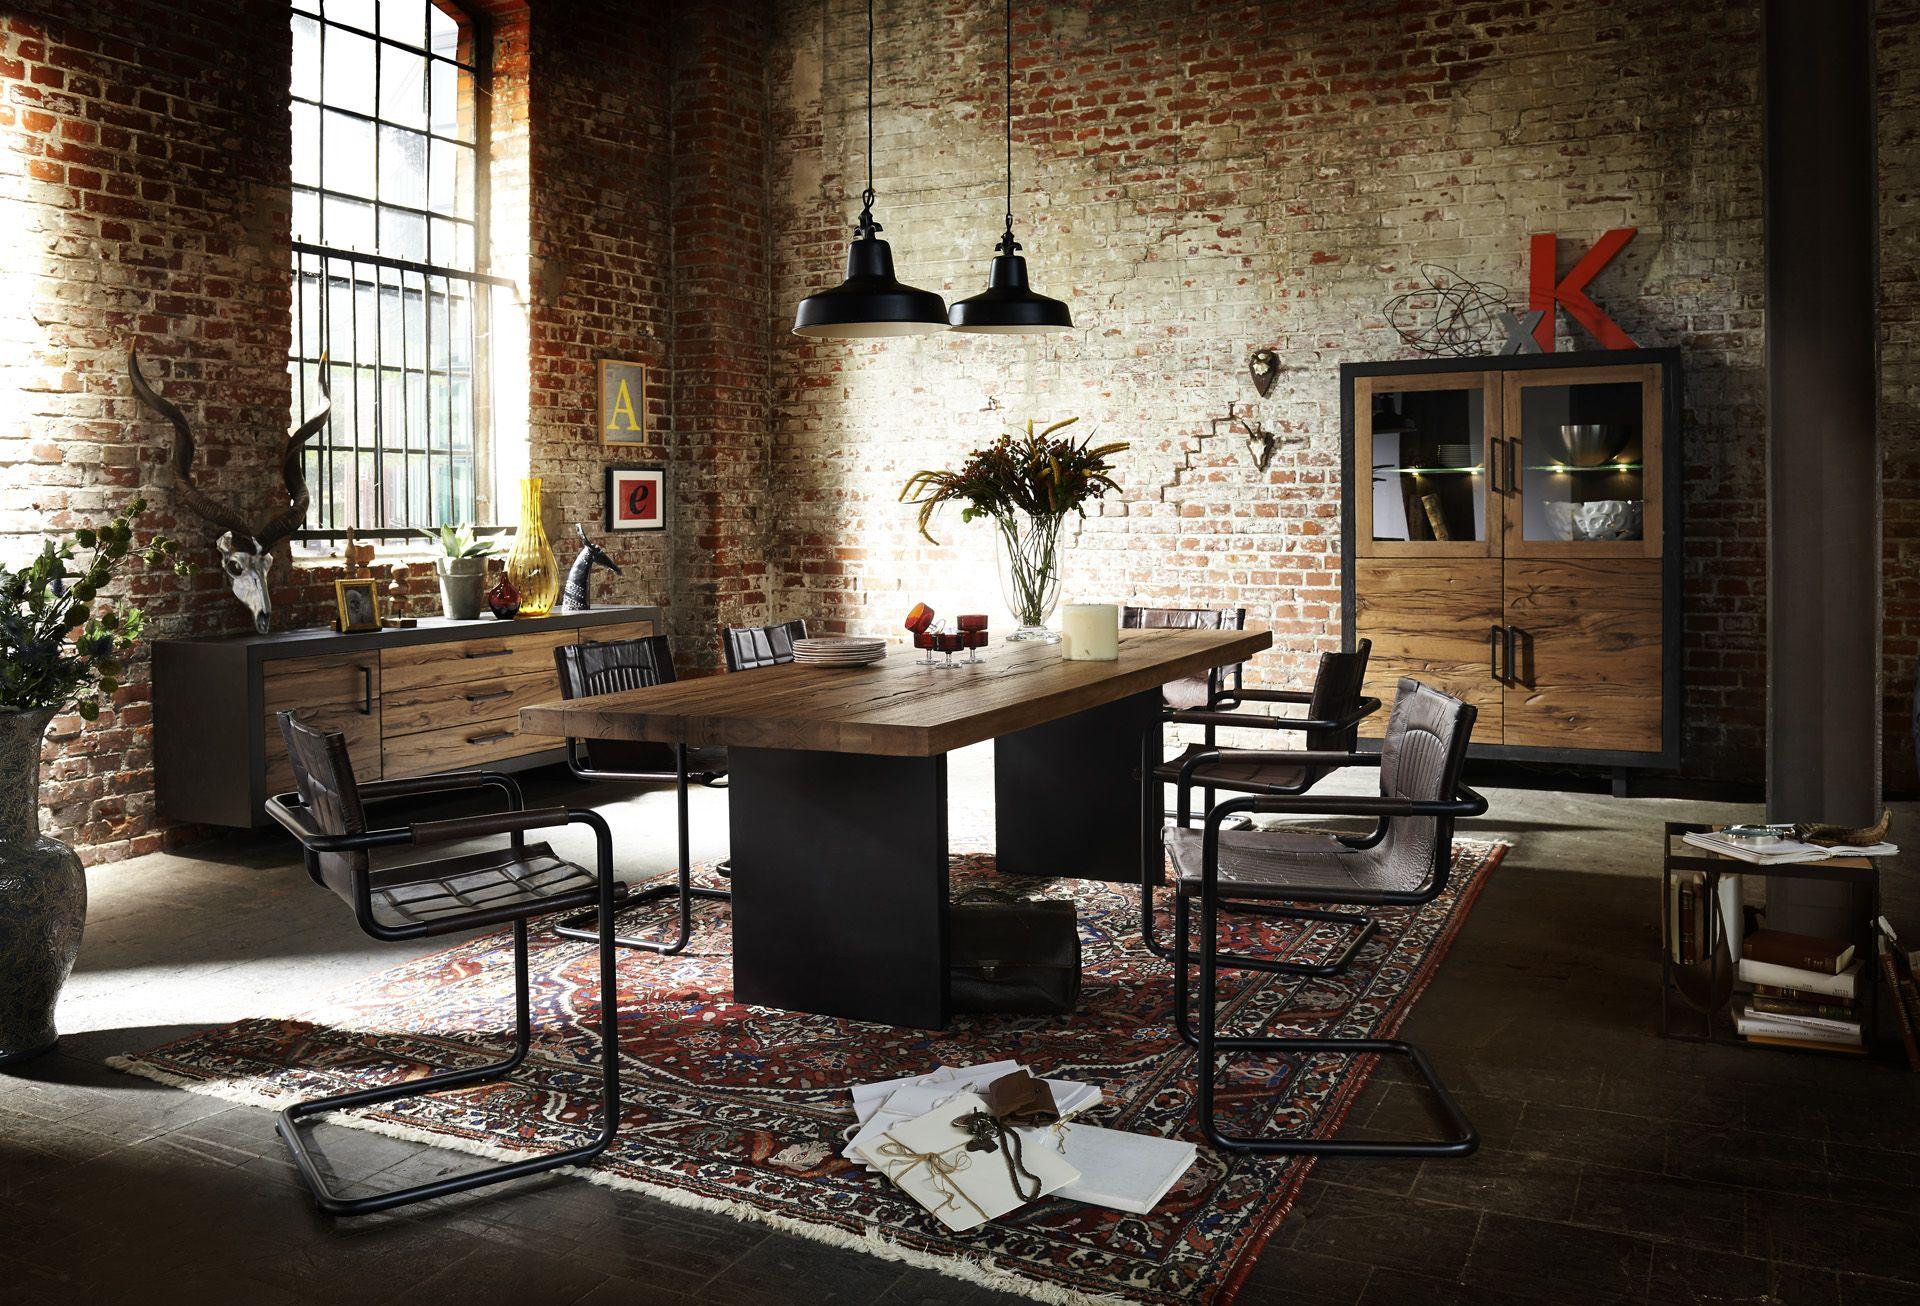 Eine Esszimmer Einrichtung Im Loft Design, Pr Sentiert Von Unsere Tango Serie )